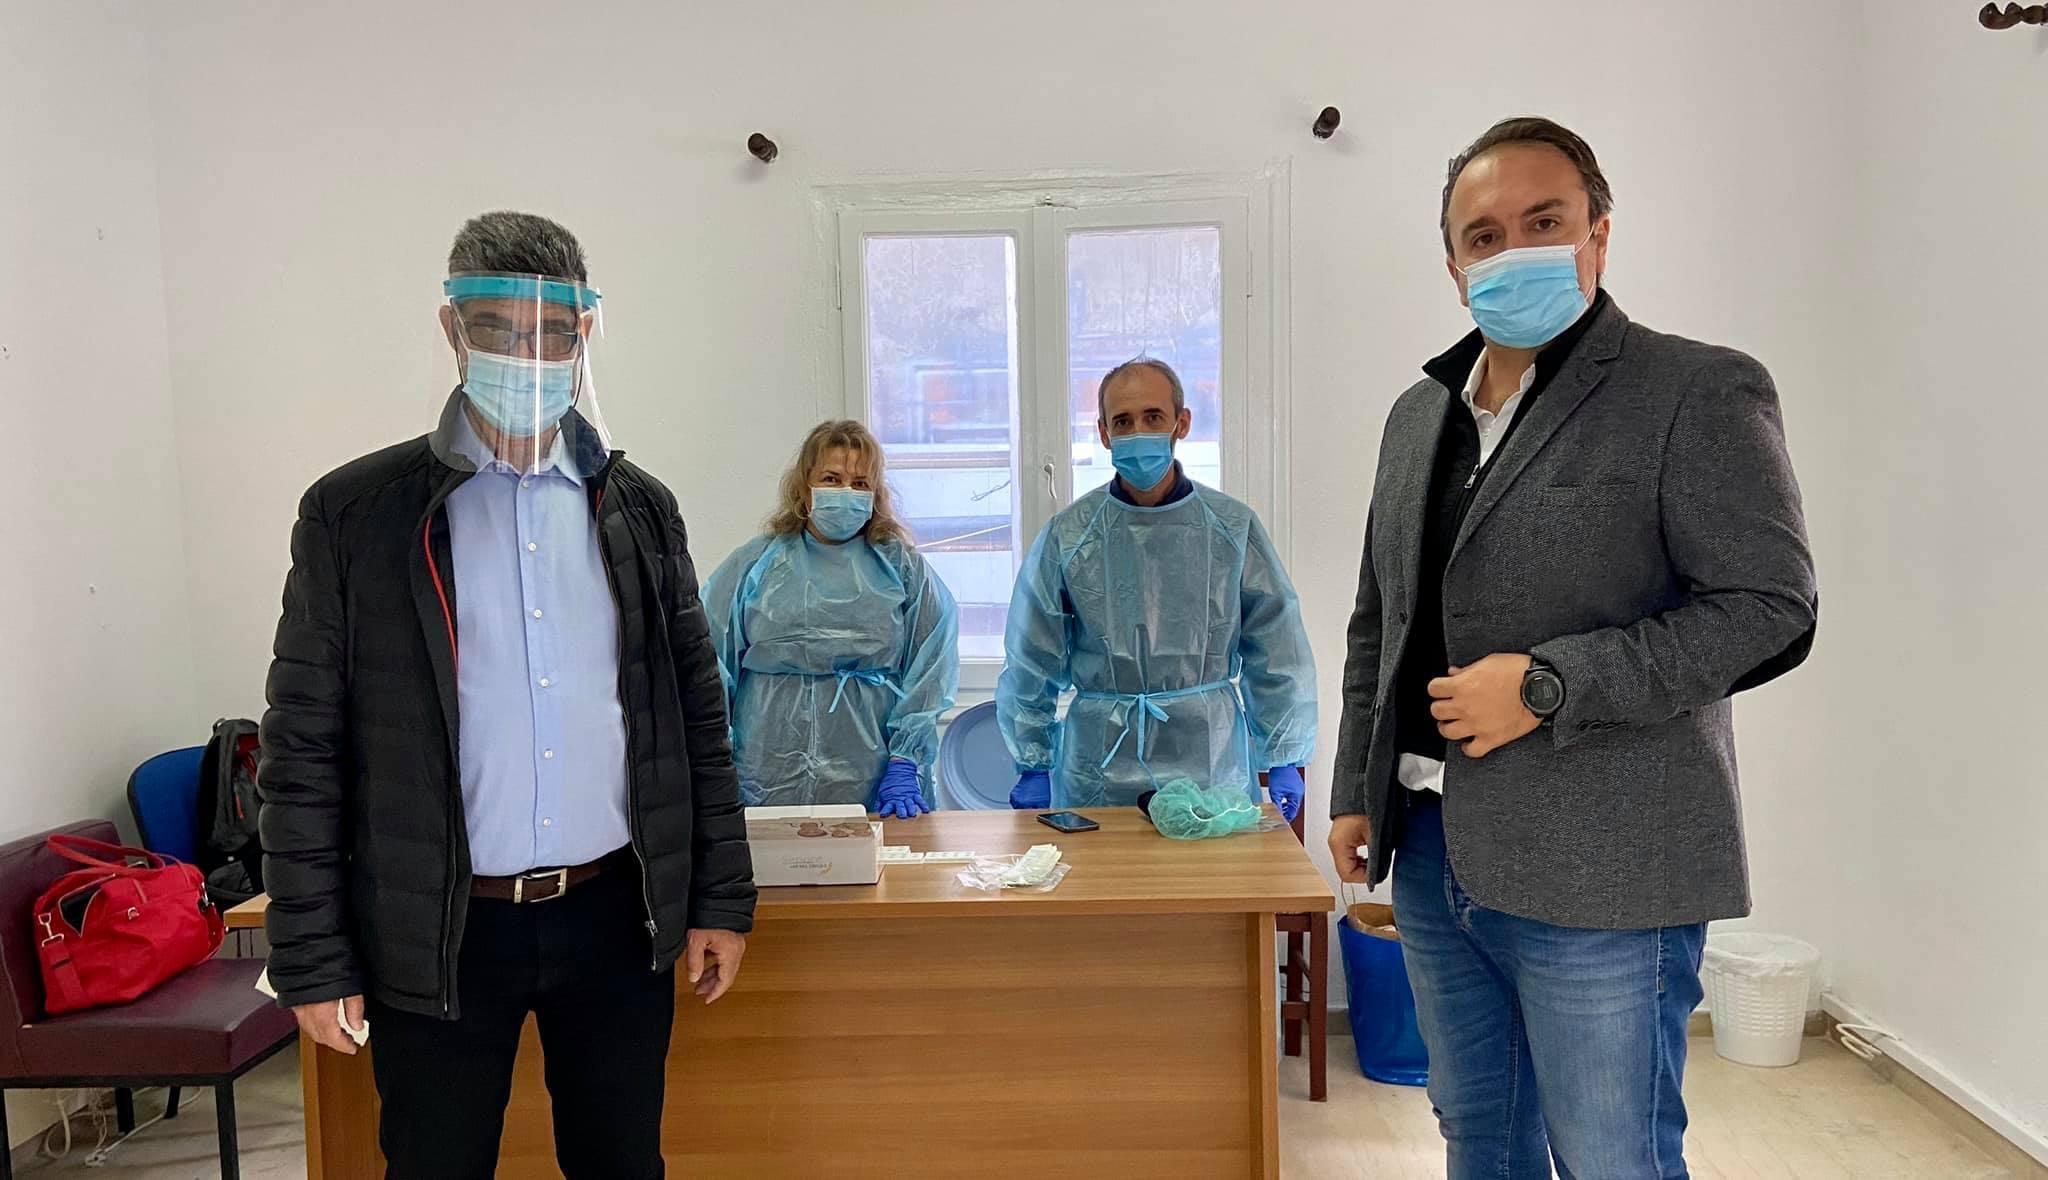 Βόρεια Εύβοια: Κλιμάκιο της ΠΣτΕ κάνει τεστ COVID λόγω κρούσματος στην  περιοχή(φωτο)